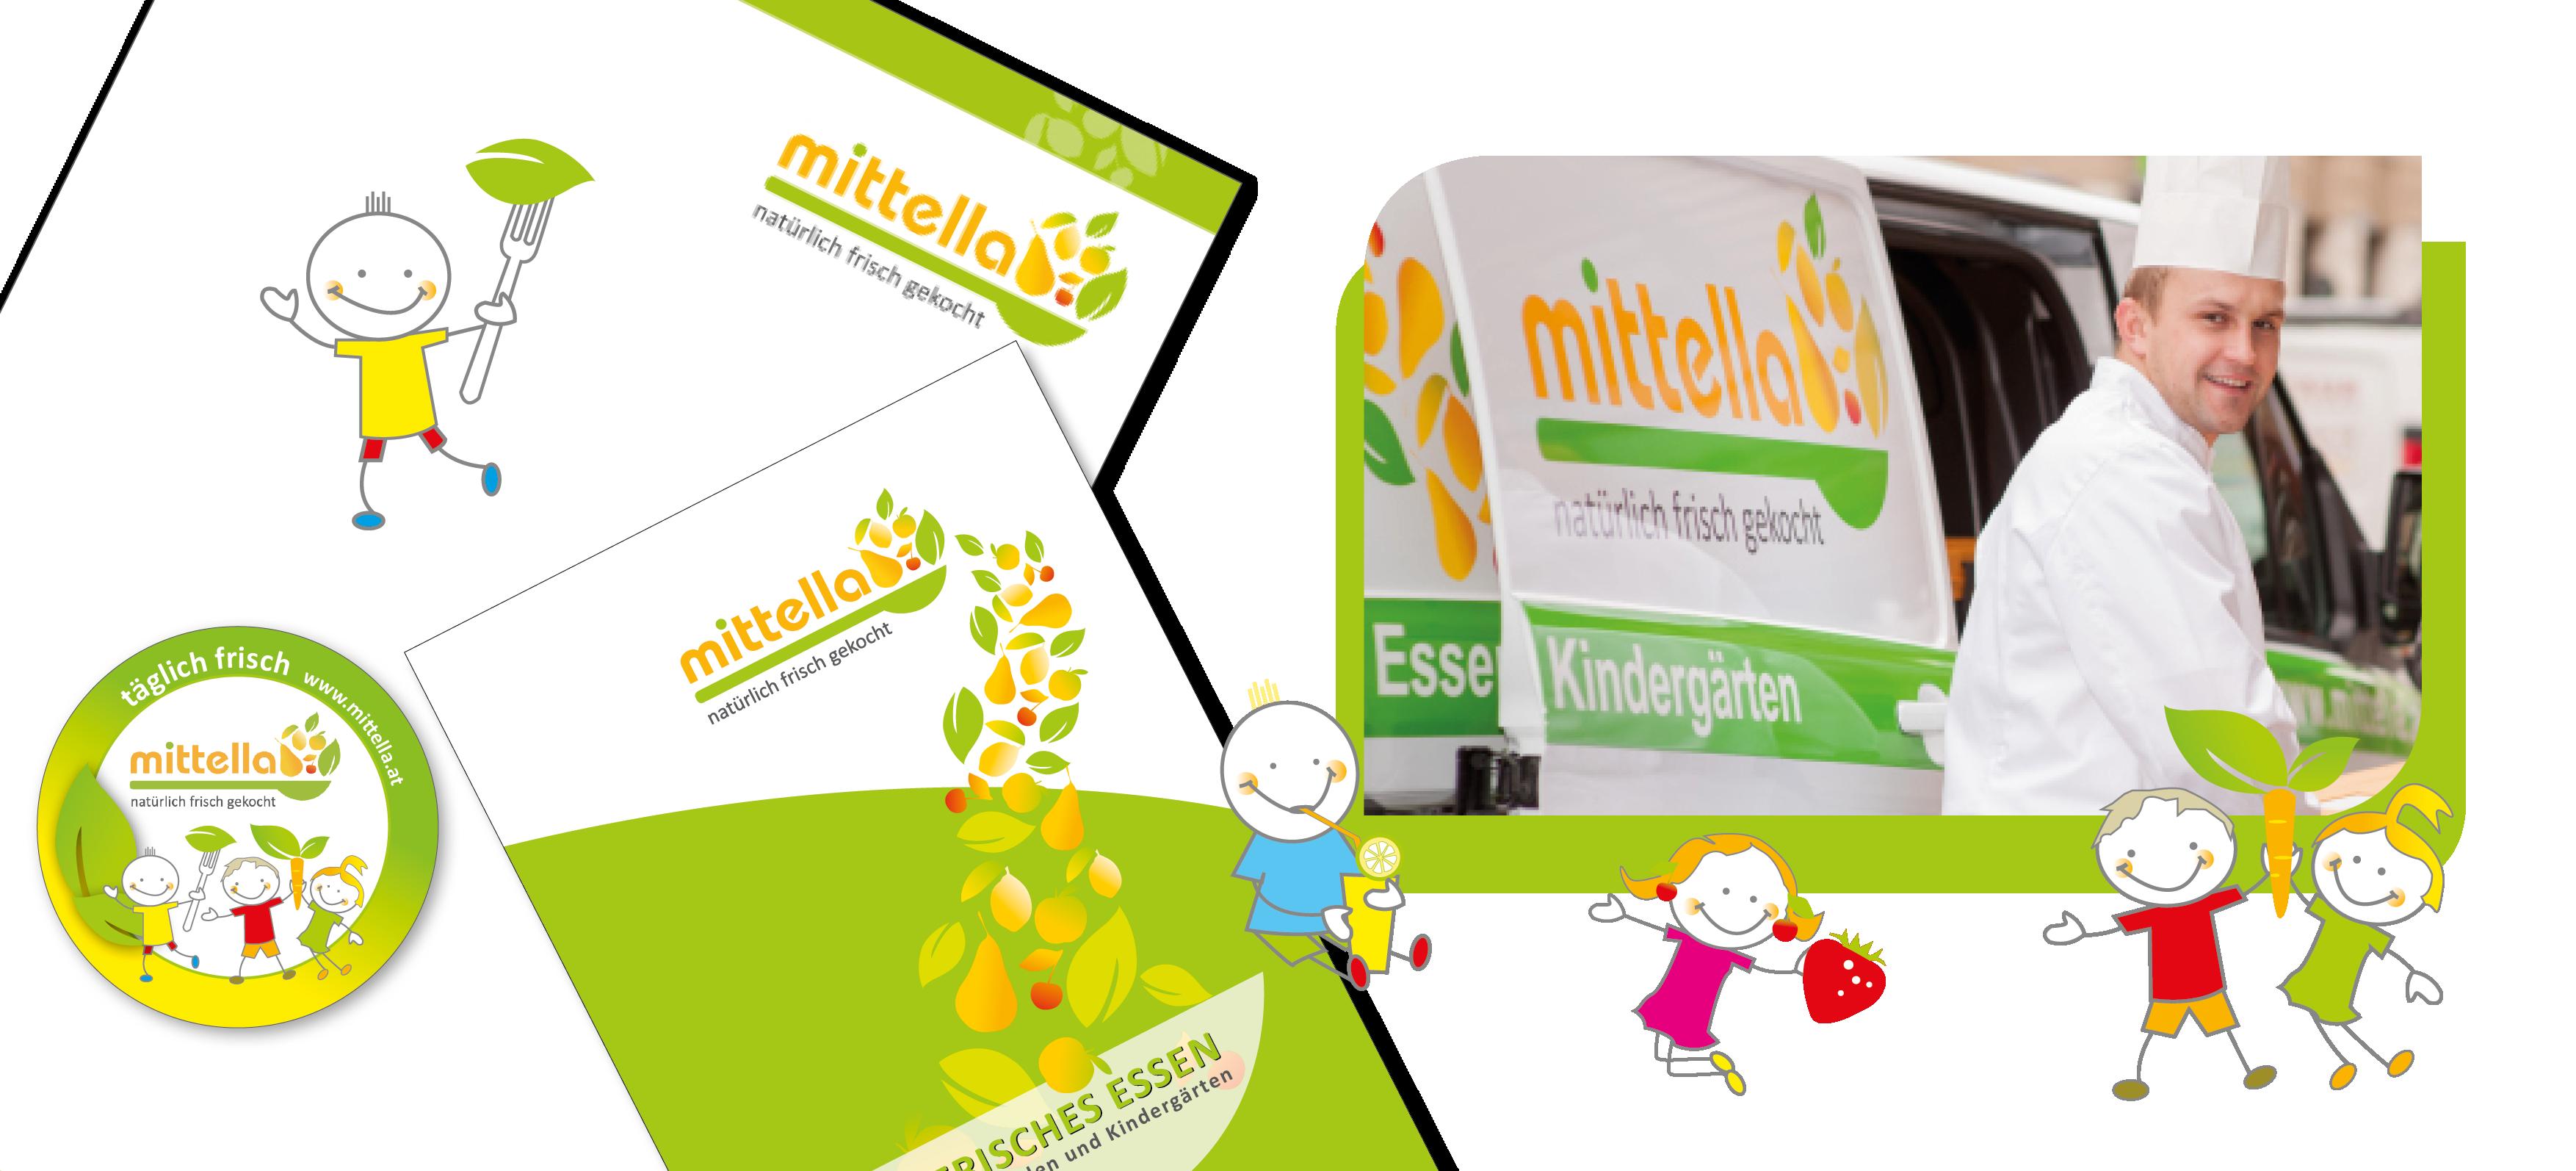 Mittella Wien